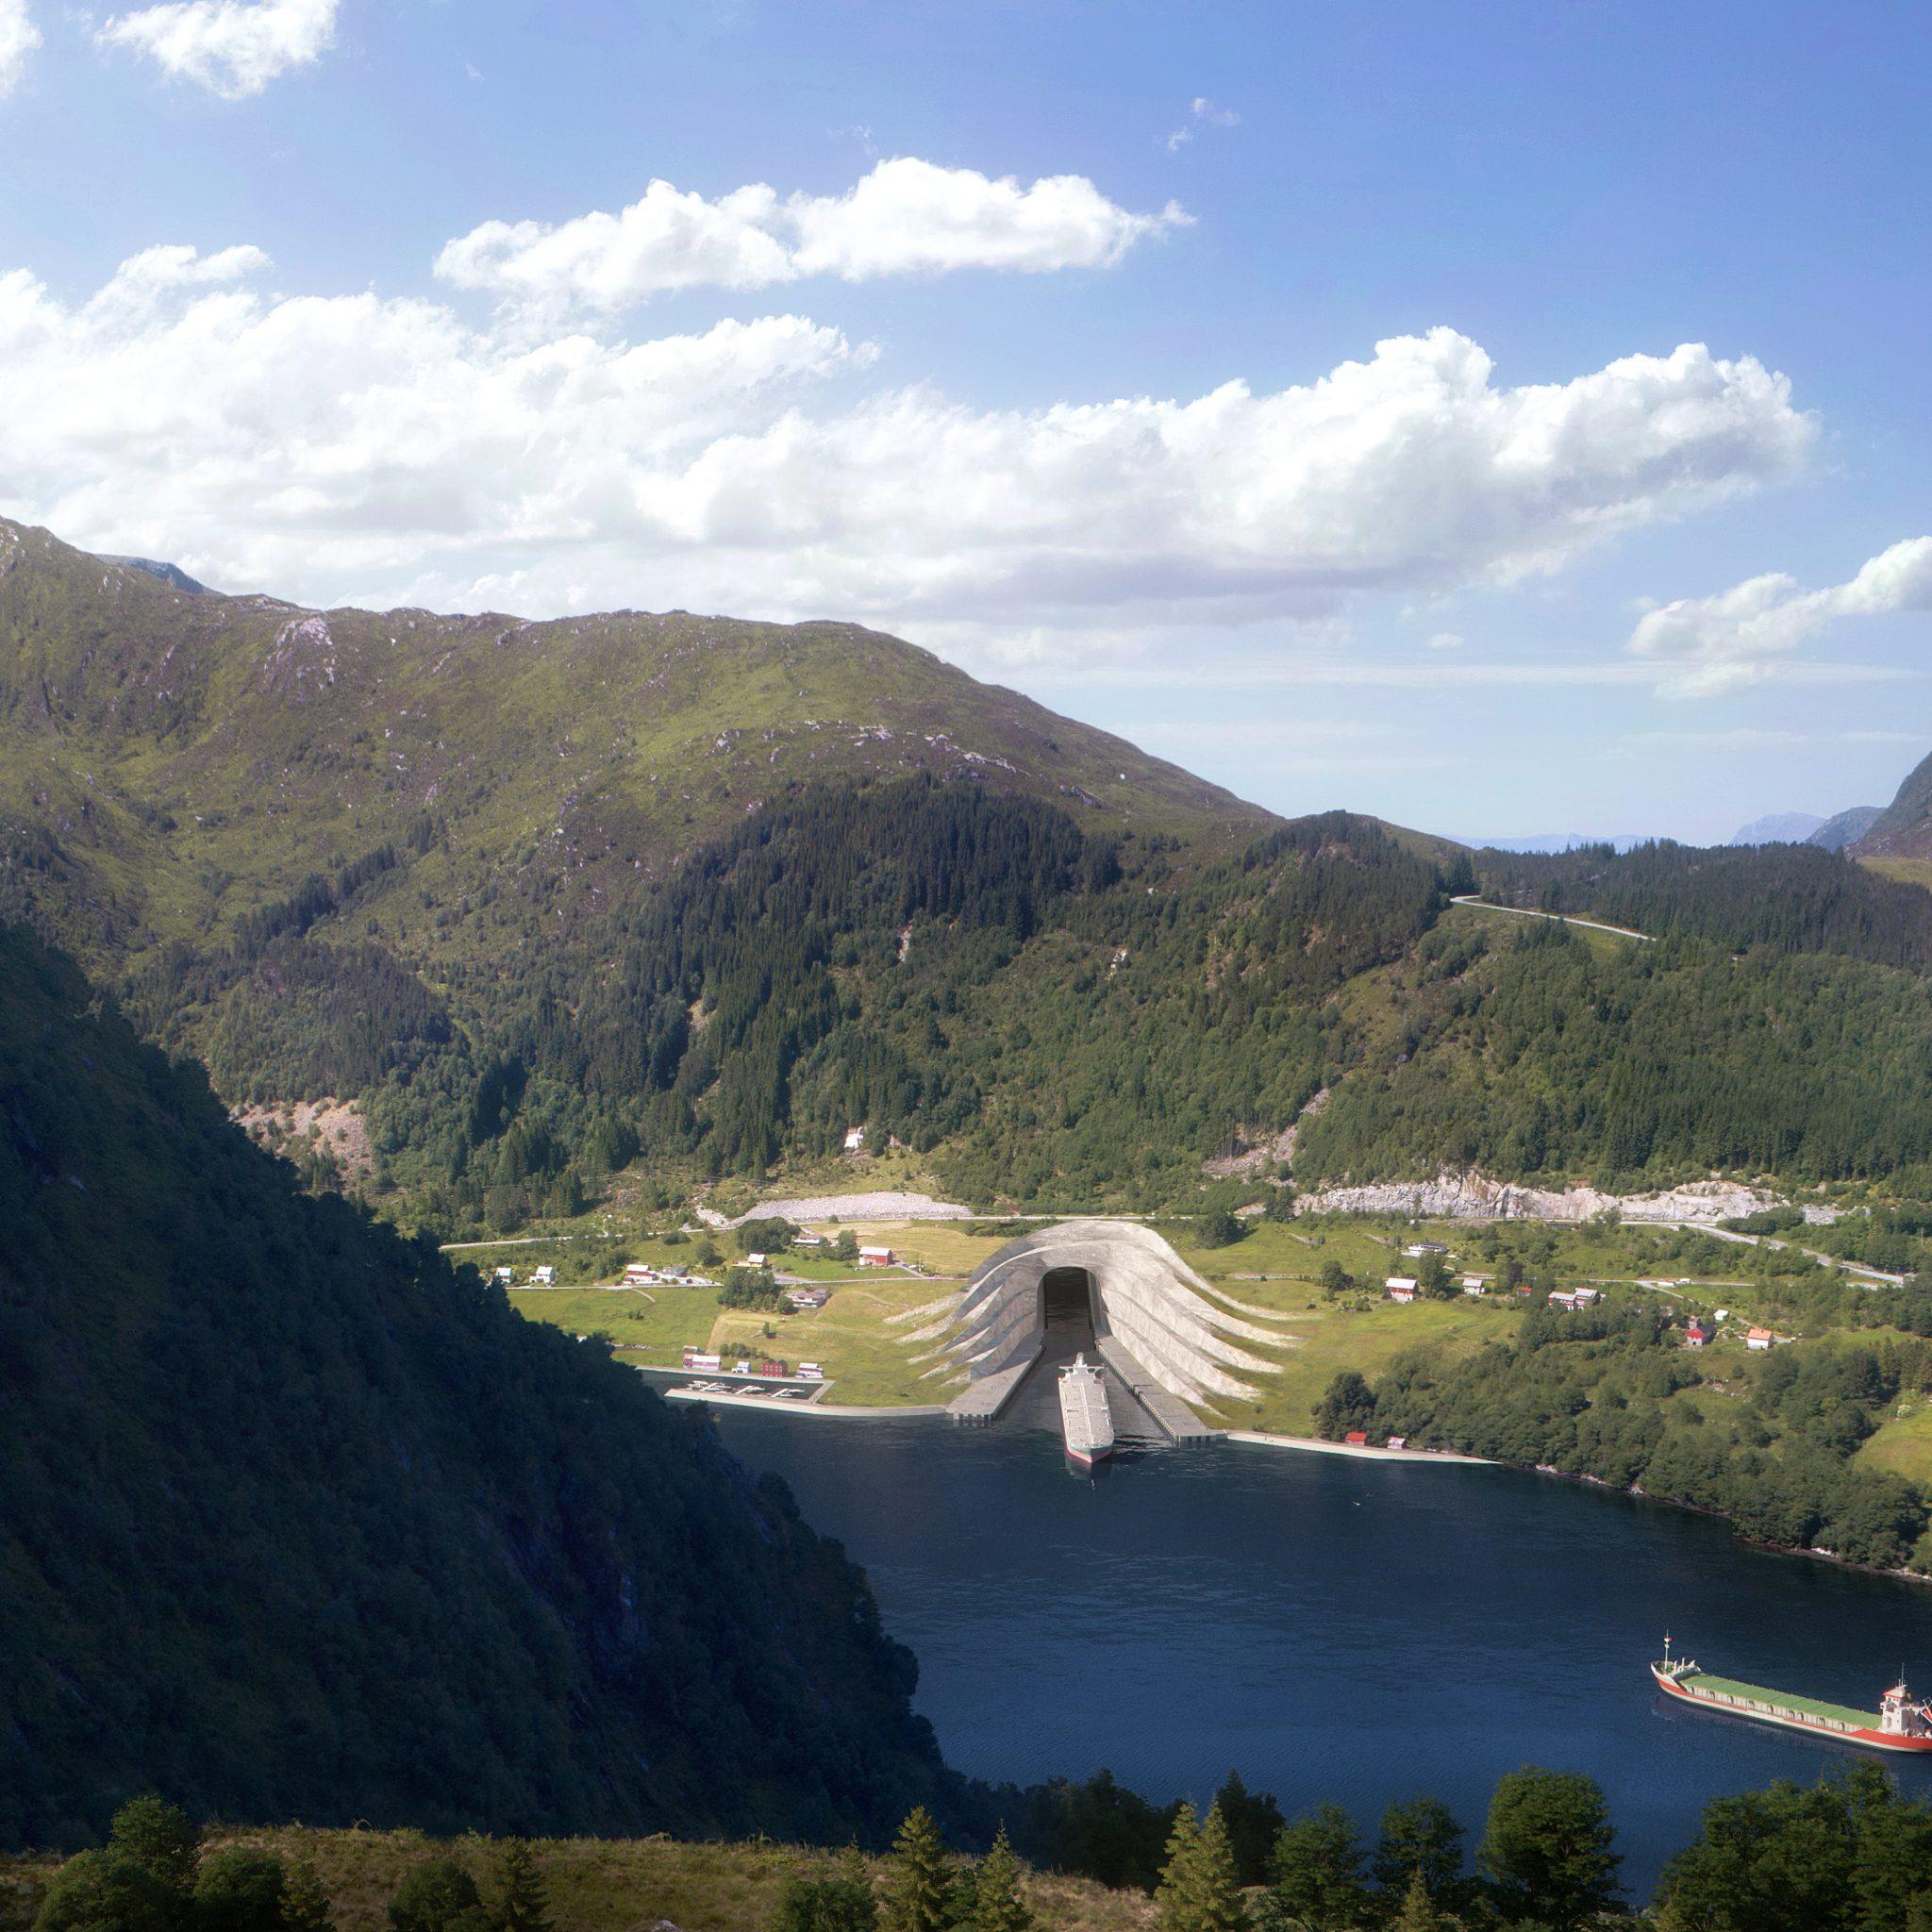 De ingang aan de Kjoldepolden-kant (Illustratie NCA / Snoh etta)